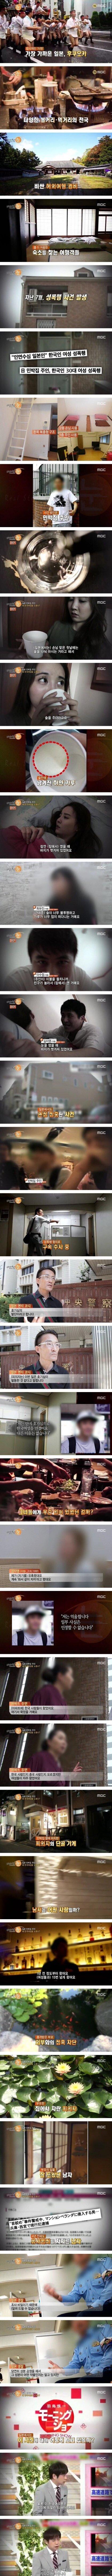 일본 에어비앤비 한국인 성폭행사건